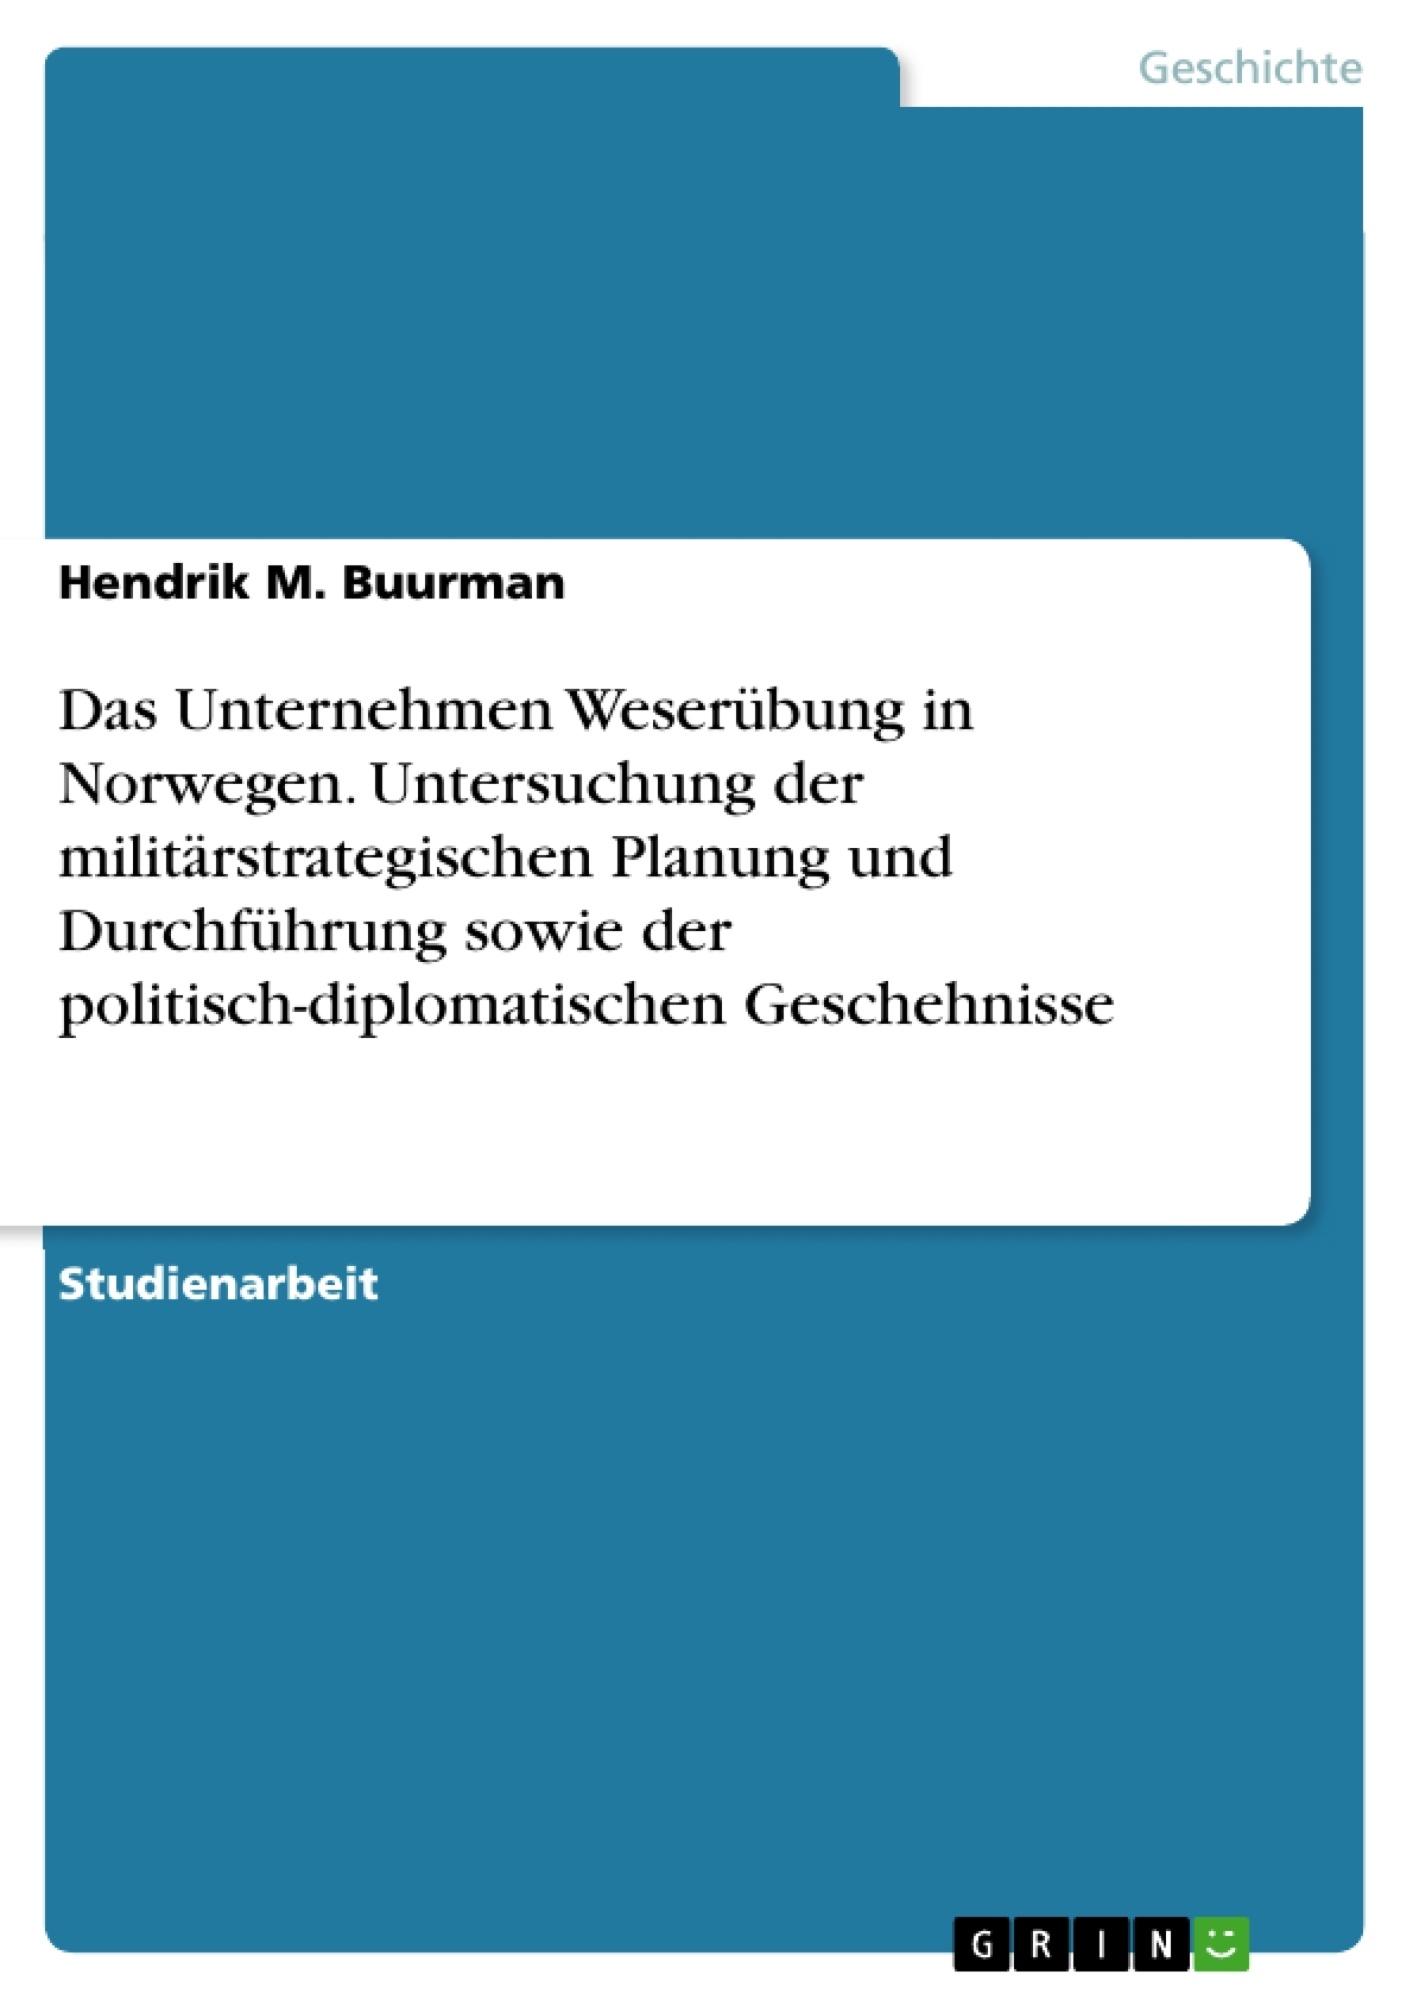 Titel: Das Unternehmen Weserübung in Norwegen. Untersuchung der militärstrategischen Planung und Durchführung sowie der politisch-diplomatischen Geschehnisse